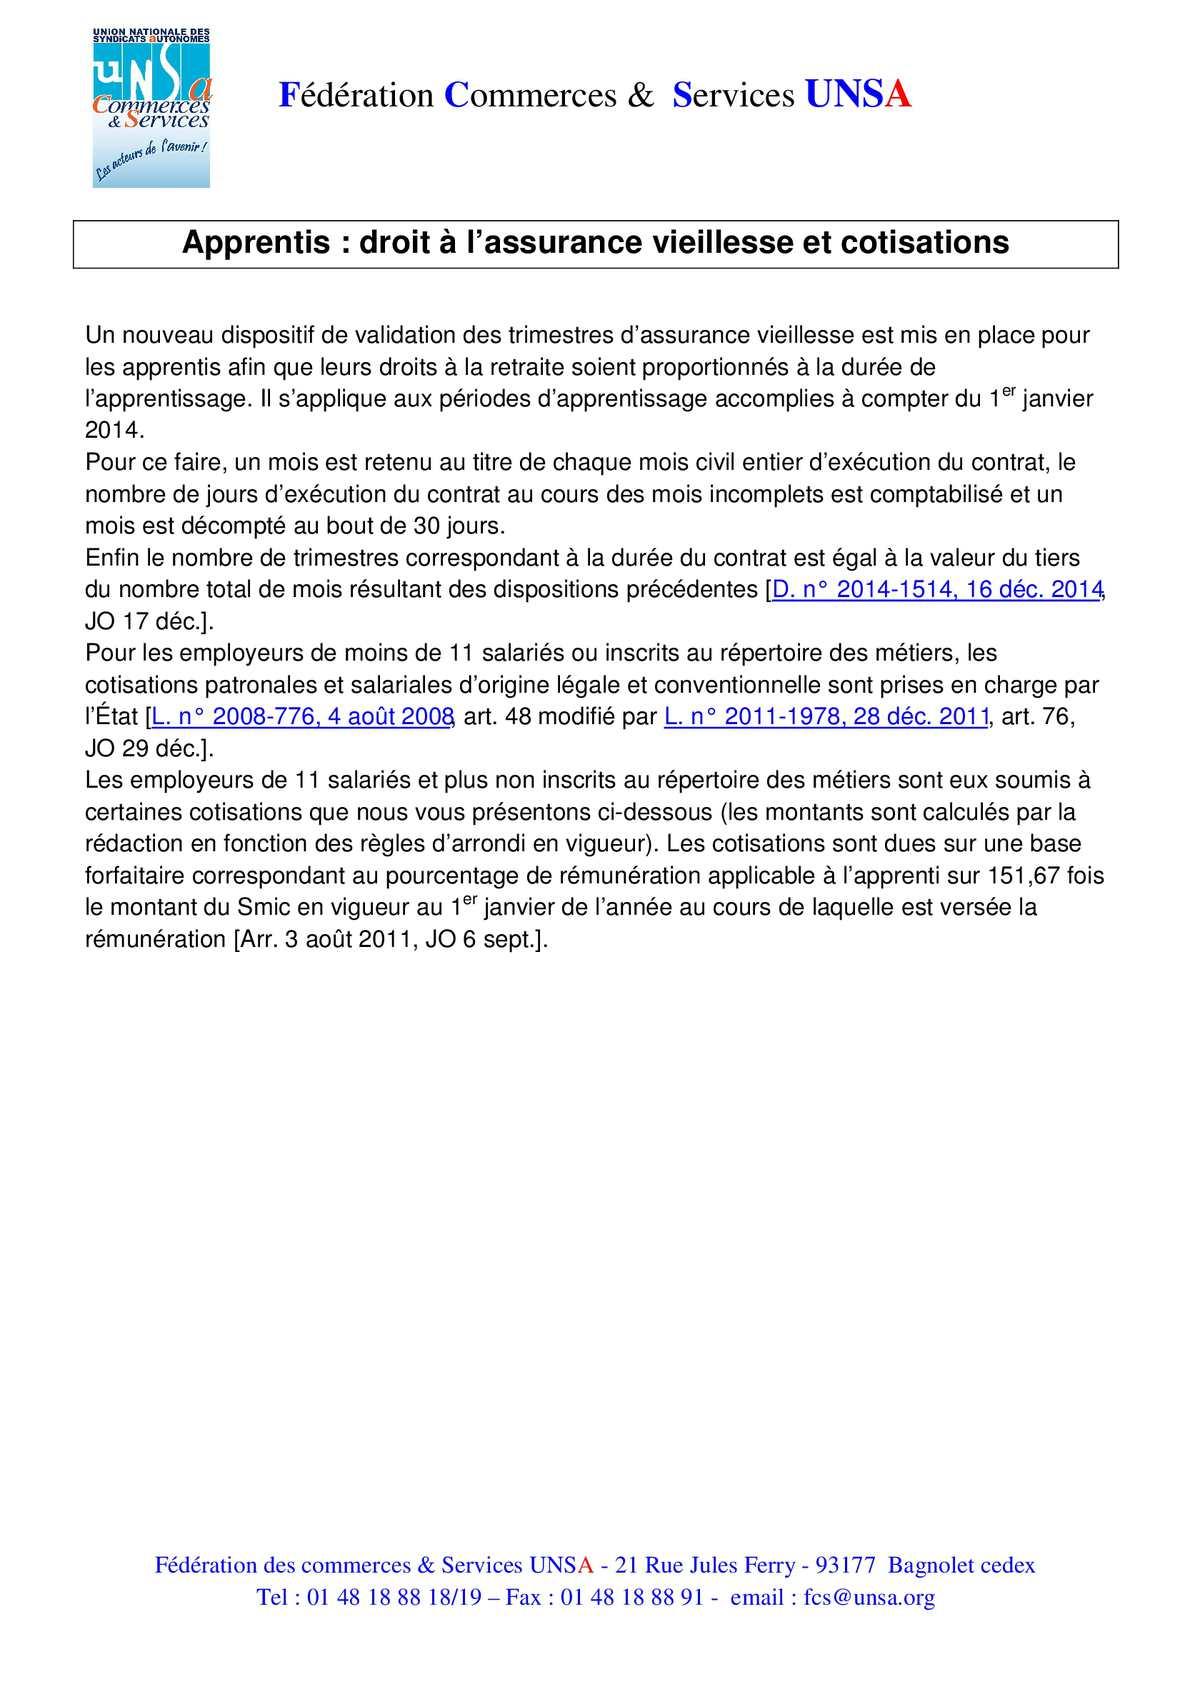 Calameo Bulletin Juridique Apprentis Droit A L Assurance